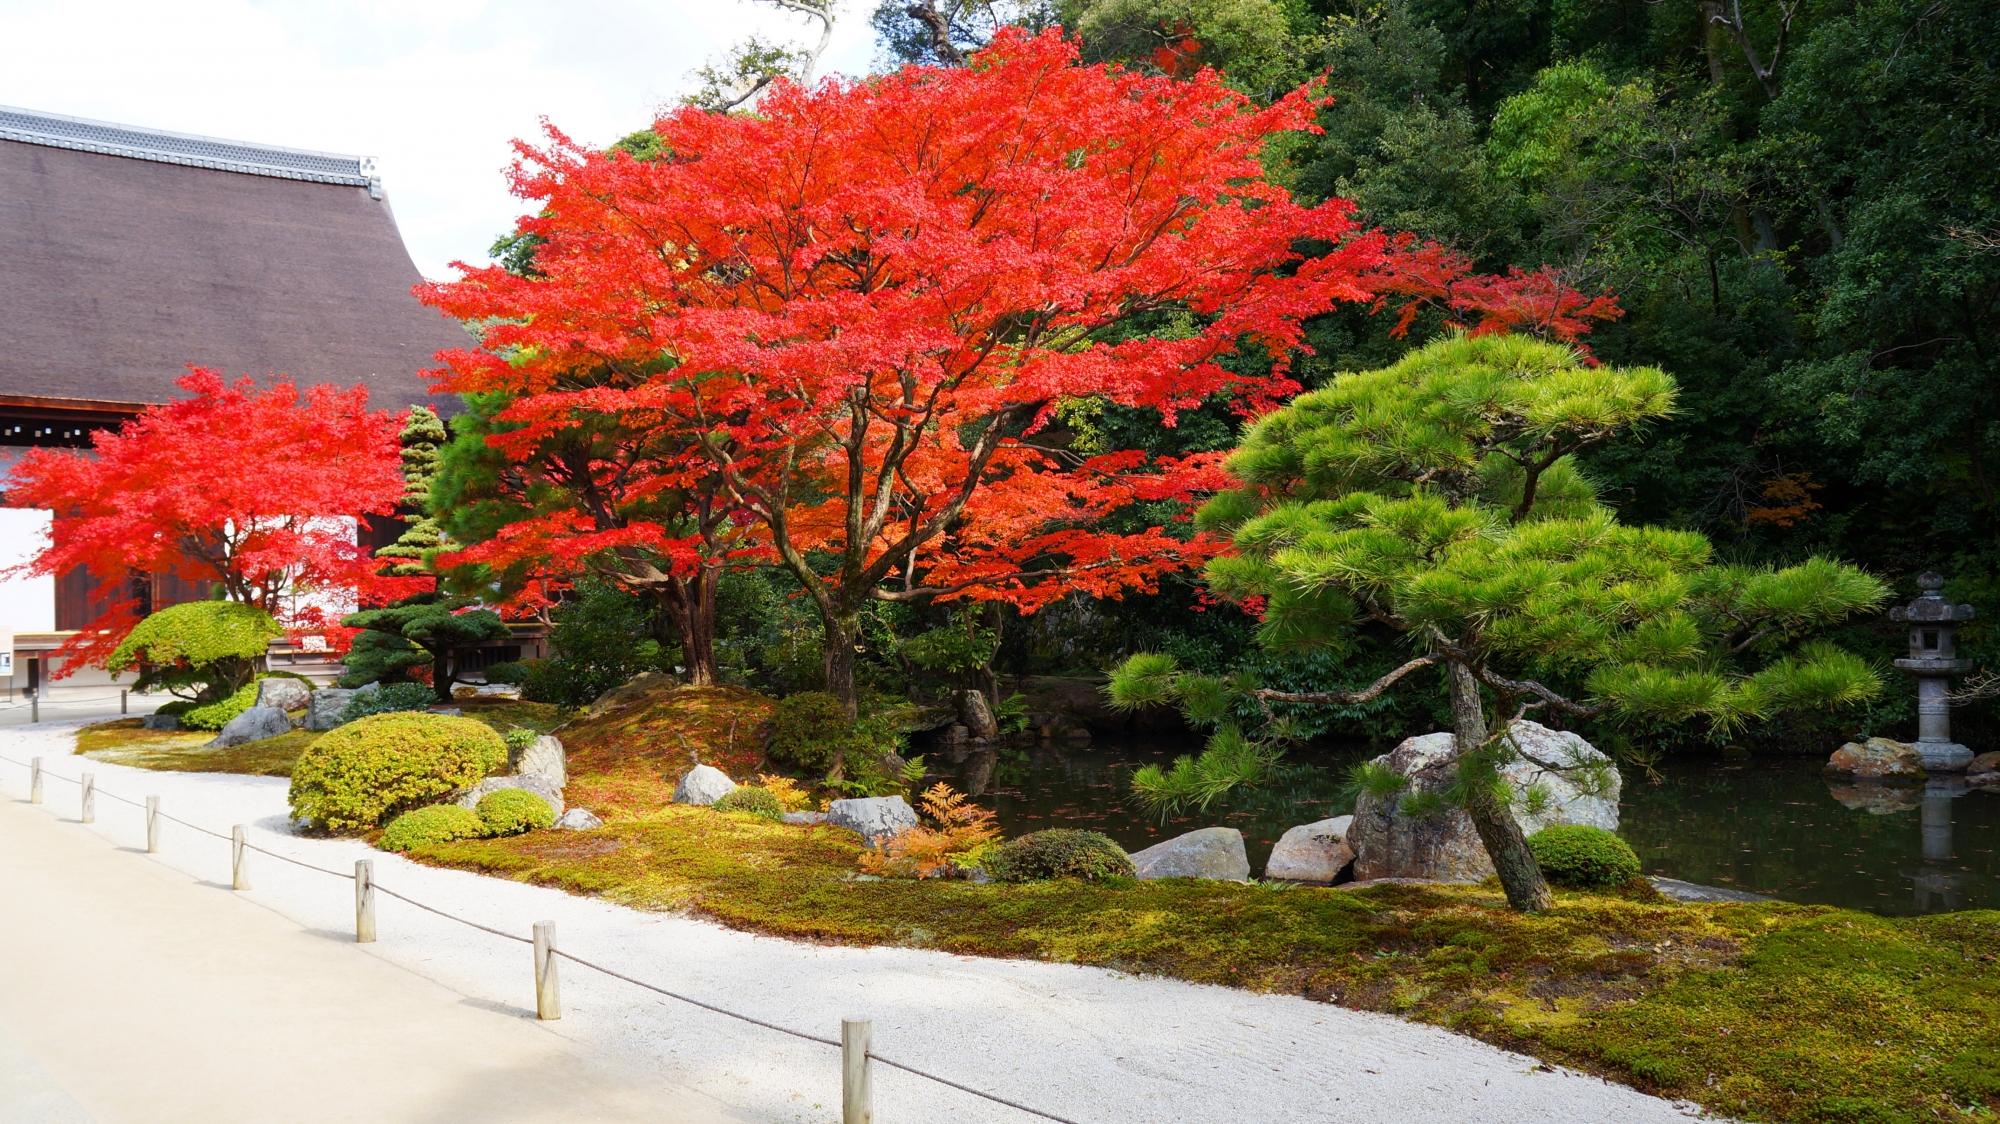 知恩院方丈庭園の素晴らしい紅葉と秋の情景